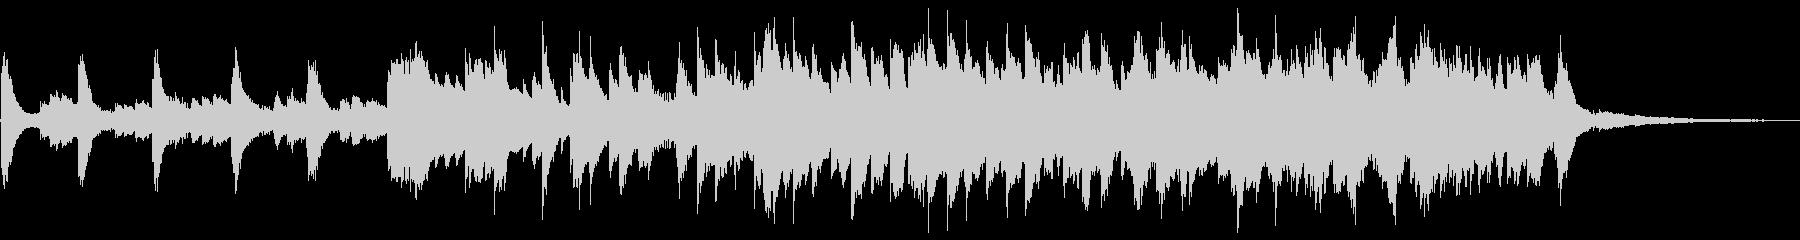 癒し・睡眠導入・ソルフェジオ使用・ピアノの未再生の波形